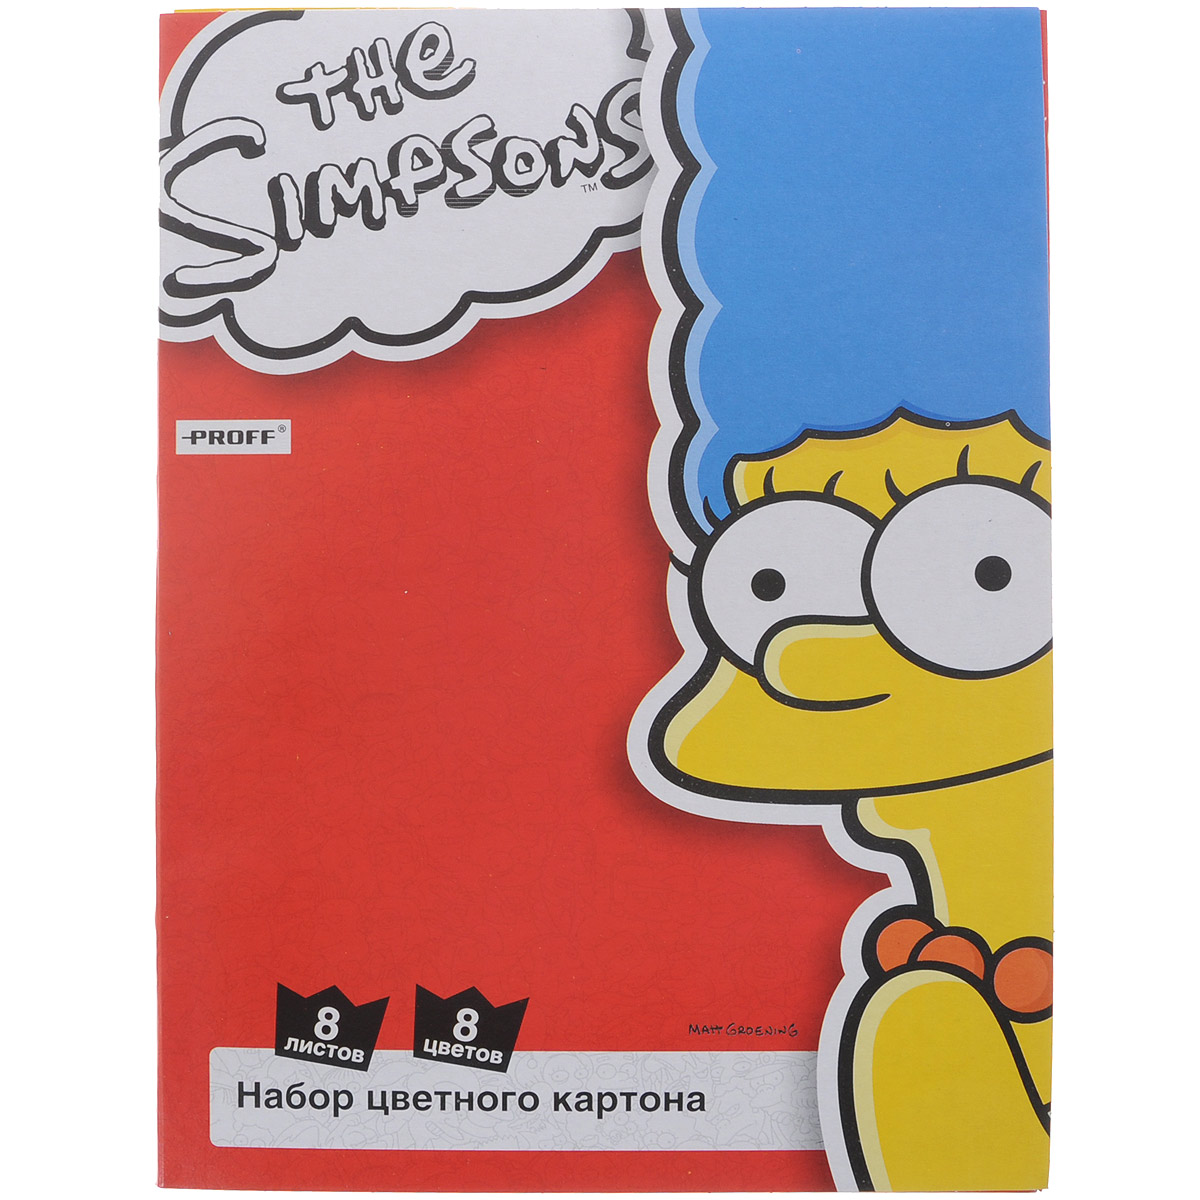 Набор цветного картона The Simpsons, 8 листовПП4-сл.Набор цветного картона Proff The Simpsons прекрасно выполненный, замечательный набор для детского творчестваНабор позволит создавать всевозможные аппликации и поделки. Набор состоит из картона желтого, черного, зеленого, белого, красного, синего, оранжевого и малинового цветов. Создание поделок из цветного картона позволяет ребенку развивать творческие способности, кроме того, это увлекательный досуг.Творите вместе с Proff!